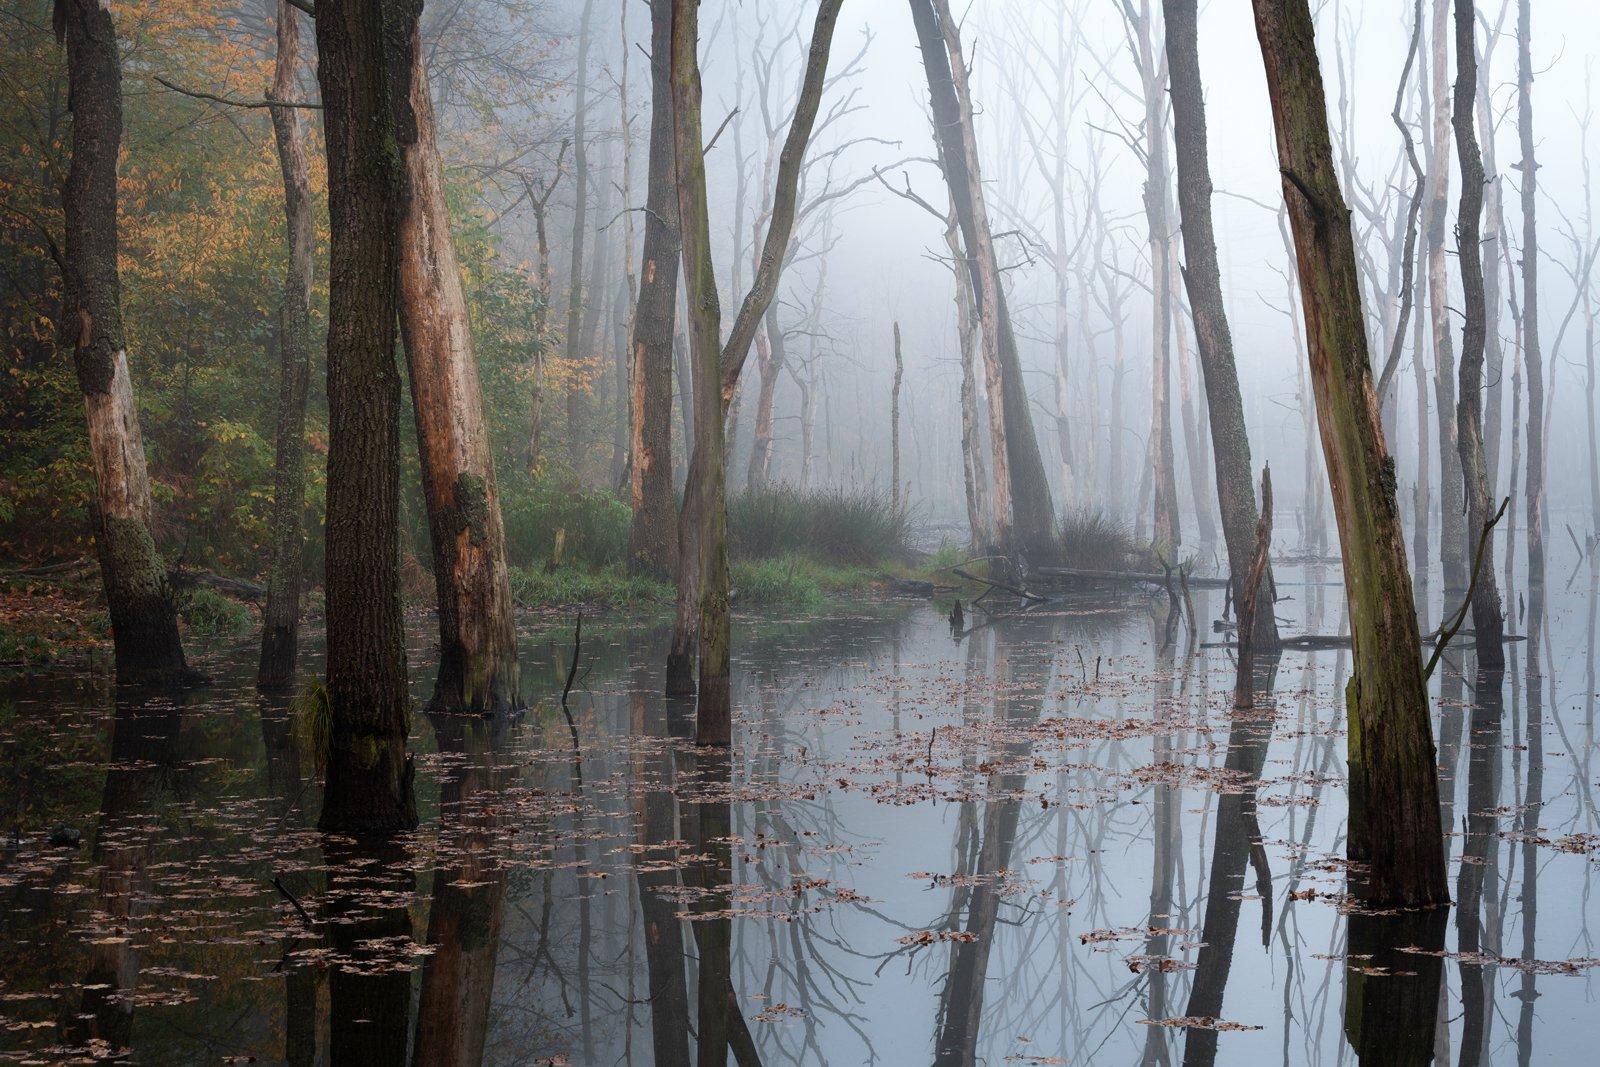 swamp, landscape, nature, water, tree,, Imiełowski Grzegorz